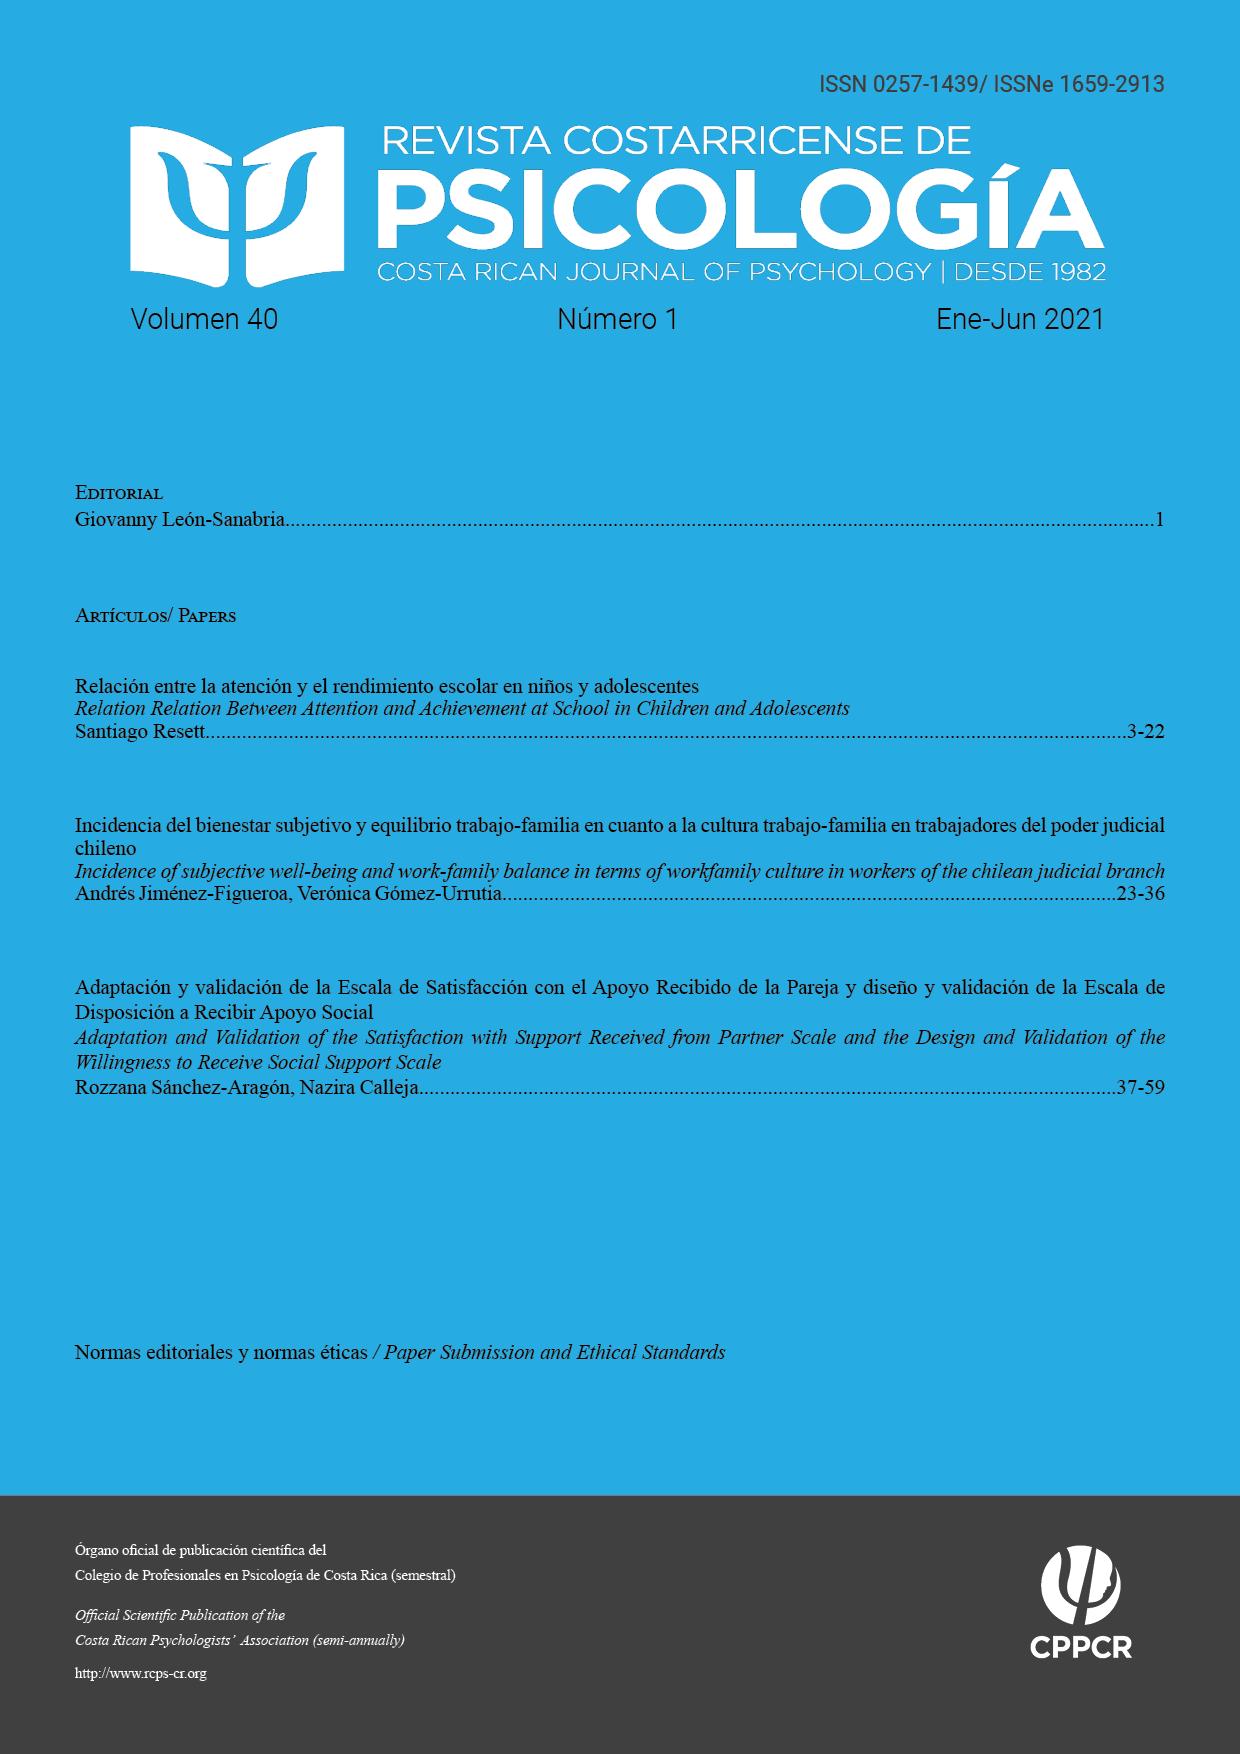 Ver Vol. 40 Núm. 1 (2021): Revista Costarricense de Psicología (Enero-Junio 2021)